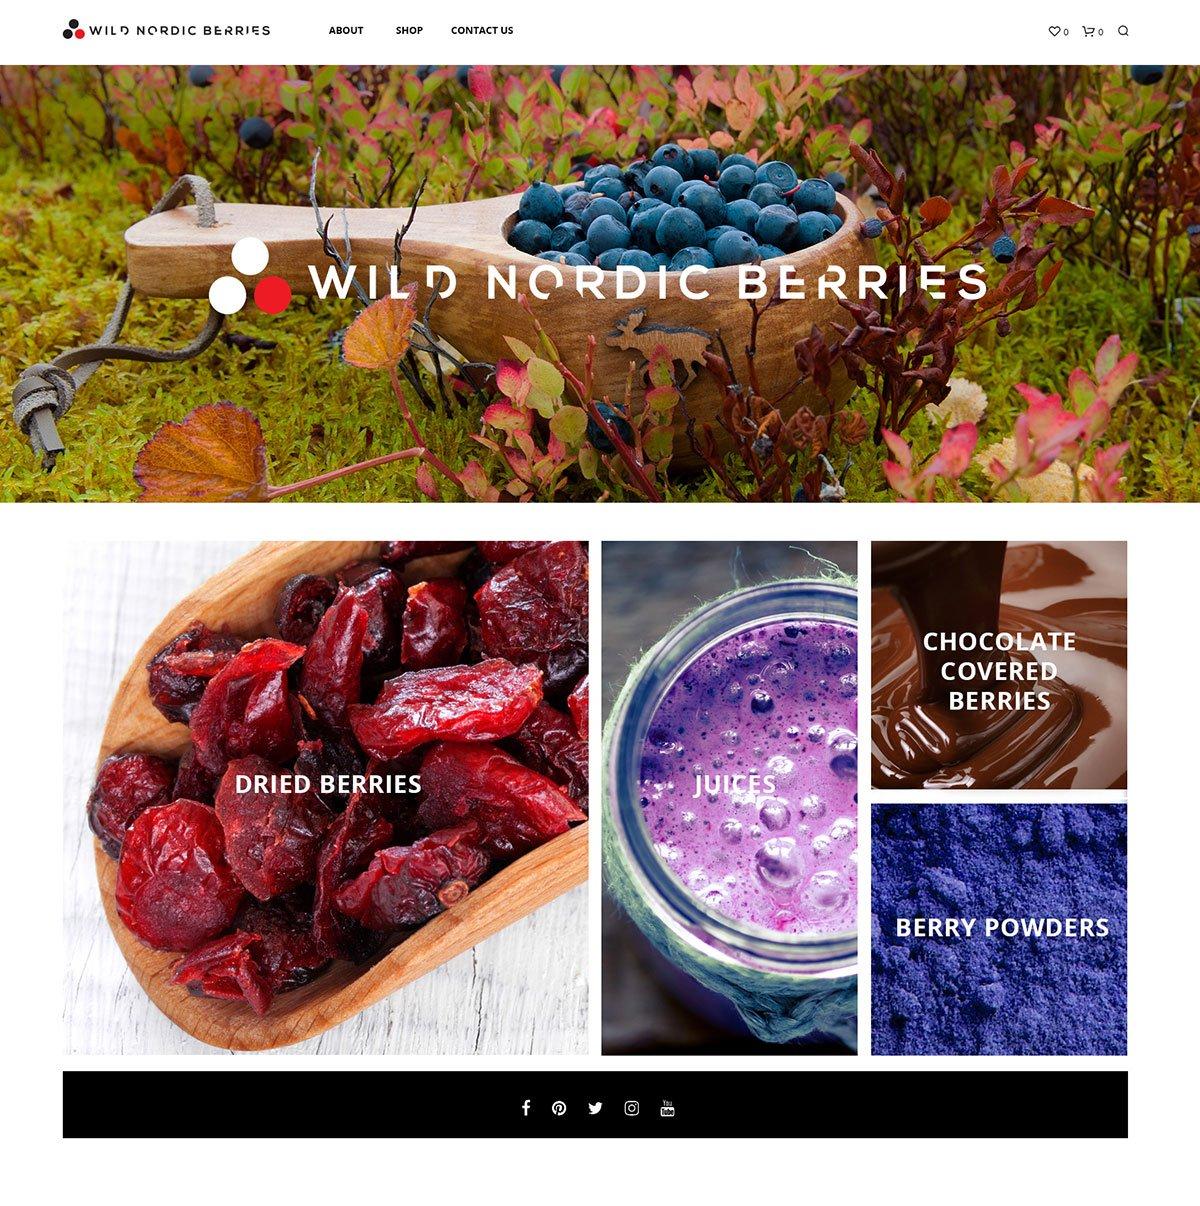 Wild Nordic Berries website designed by pixelpod